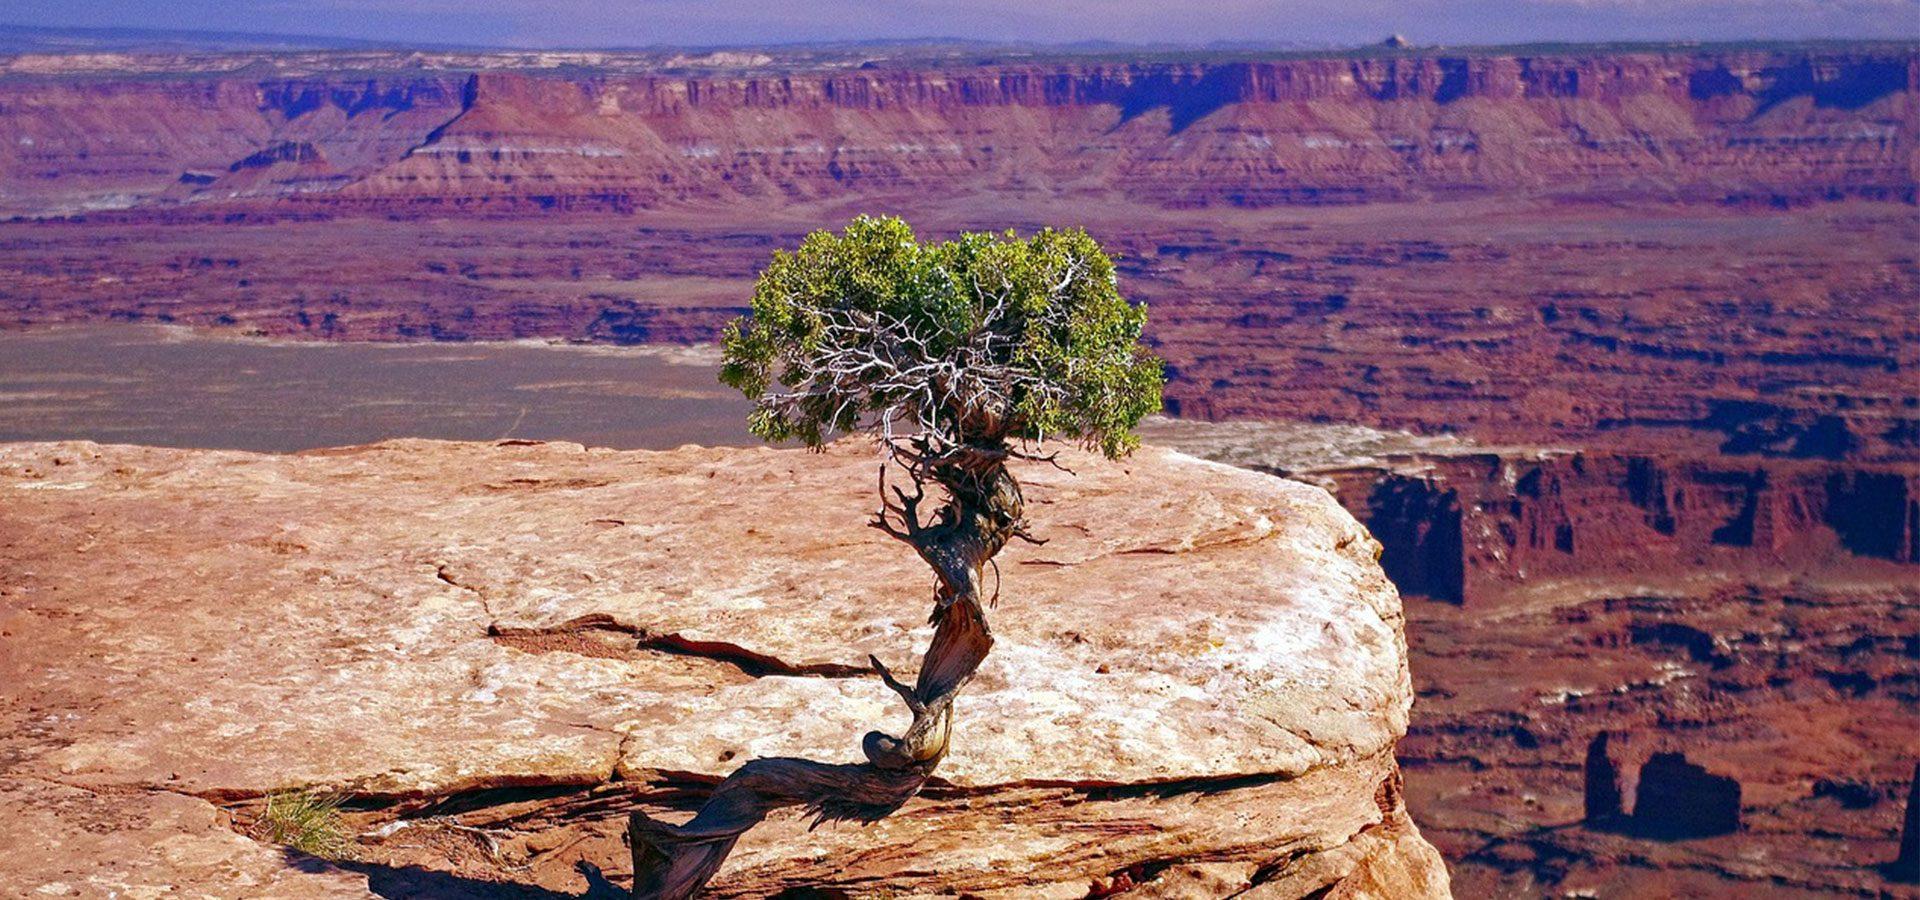 juniper tree 1920x900-lower